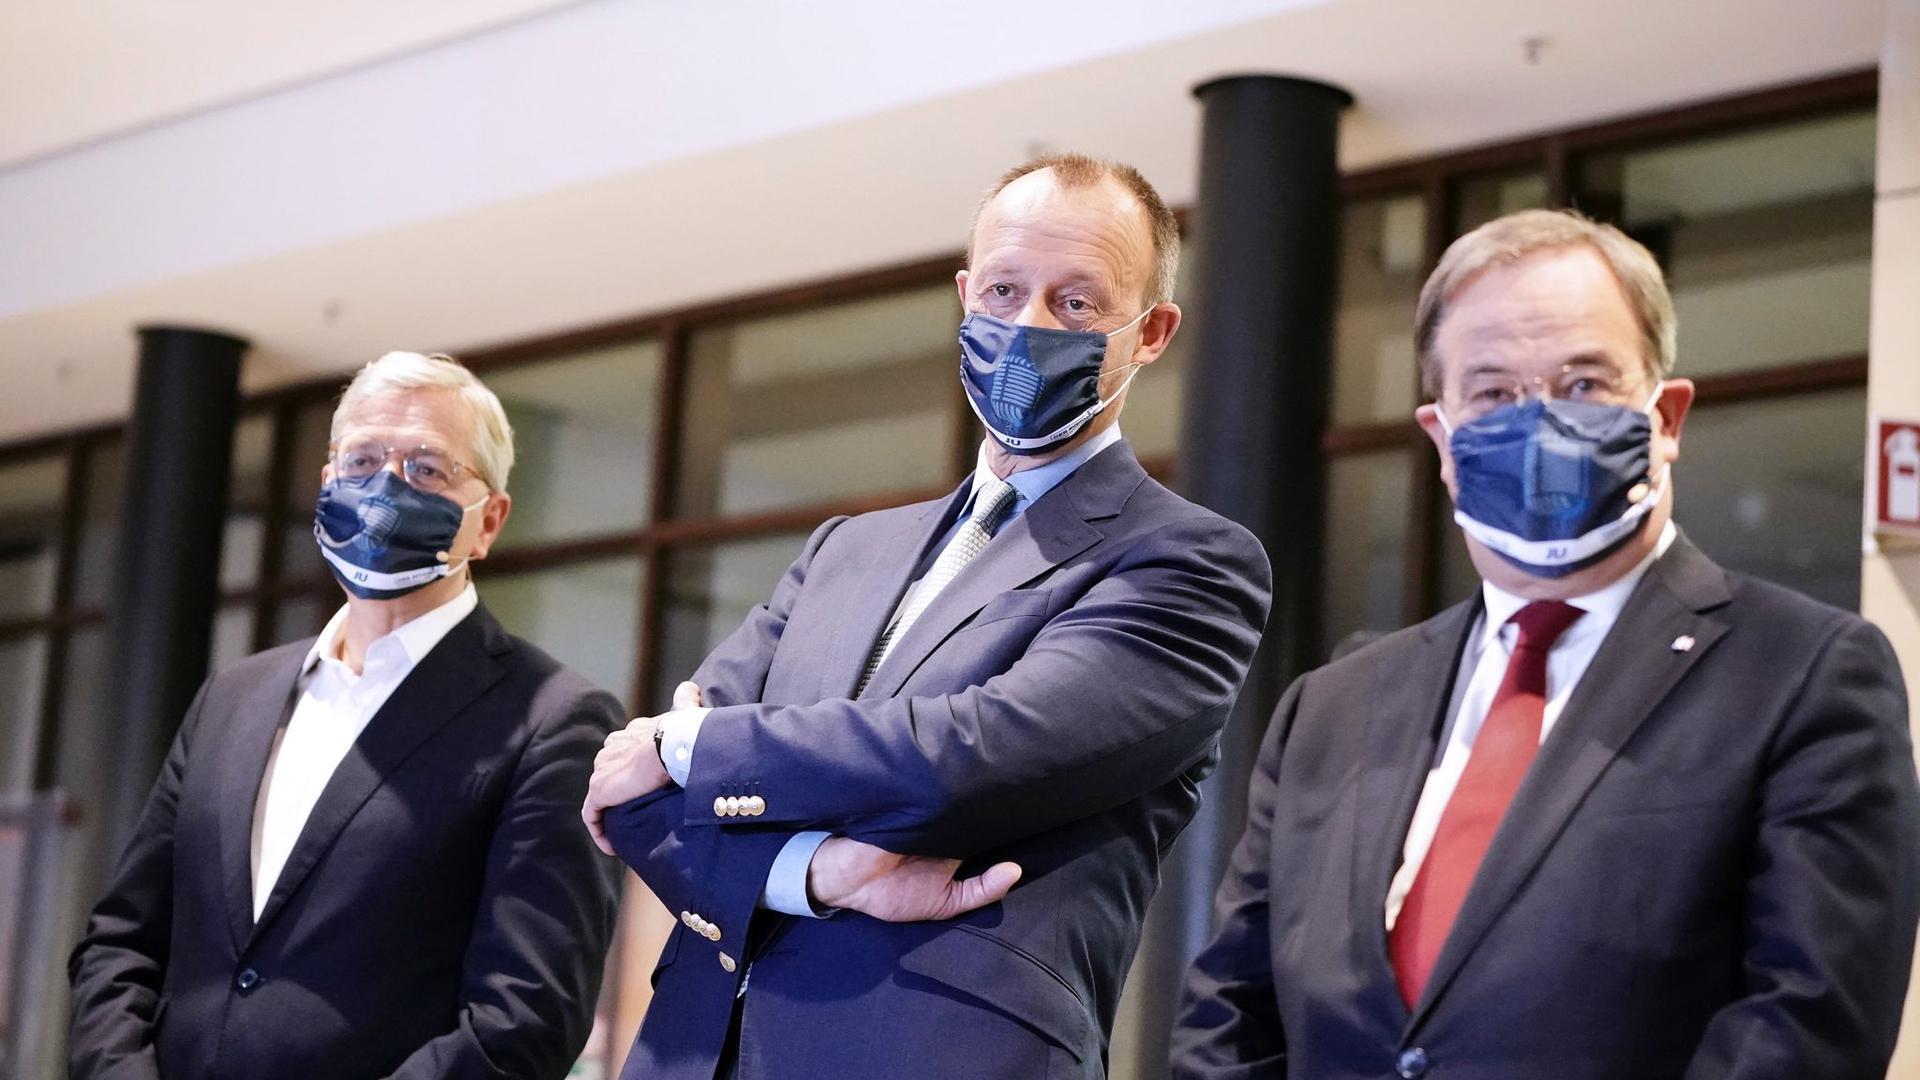 Die drei Kandidaten für den Bundesvorsitz der CDU: Armin Laschet, (r-l) Friedrich Merz und Norbert Röttgen.